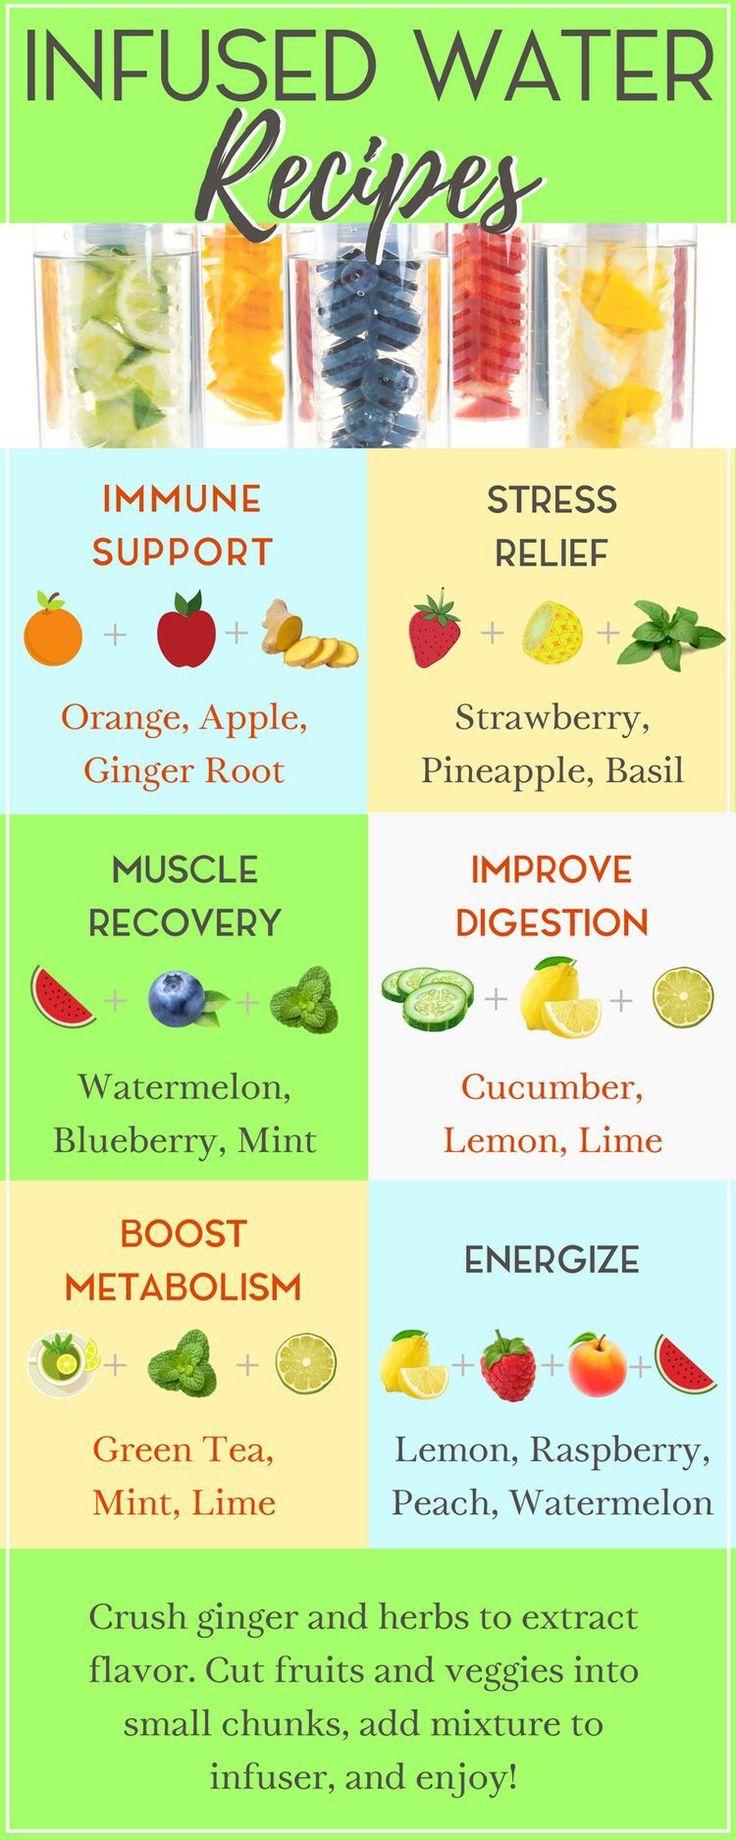 #Health #Nutrition #WellBeing  #Fruit #Smoothie #Diet #HealthyLifestyle #Water – Essen